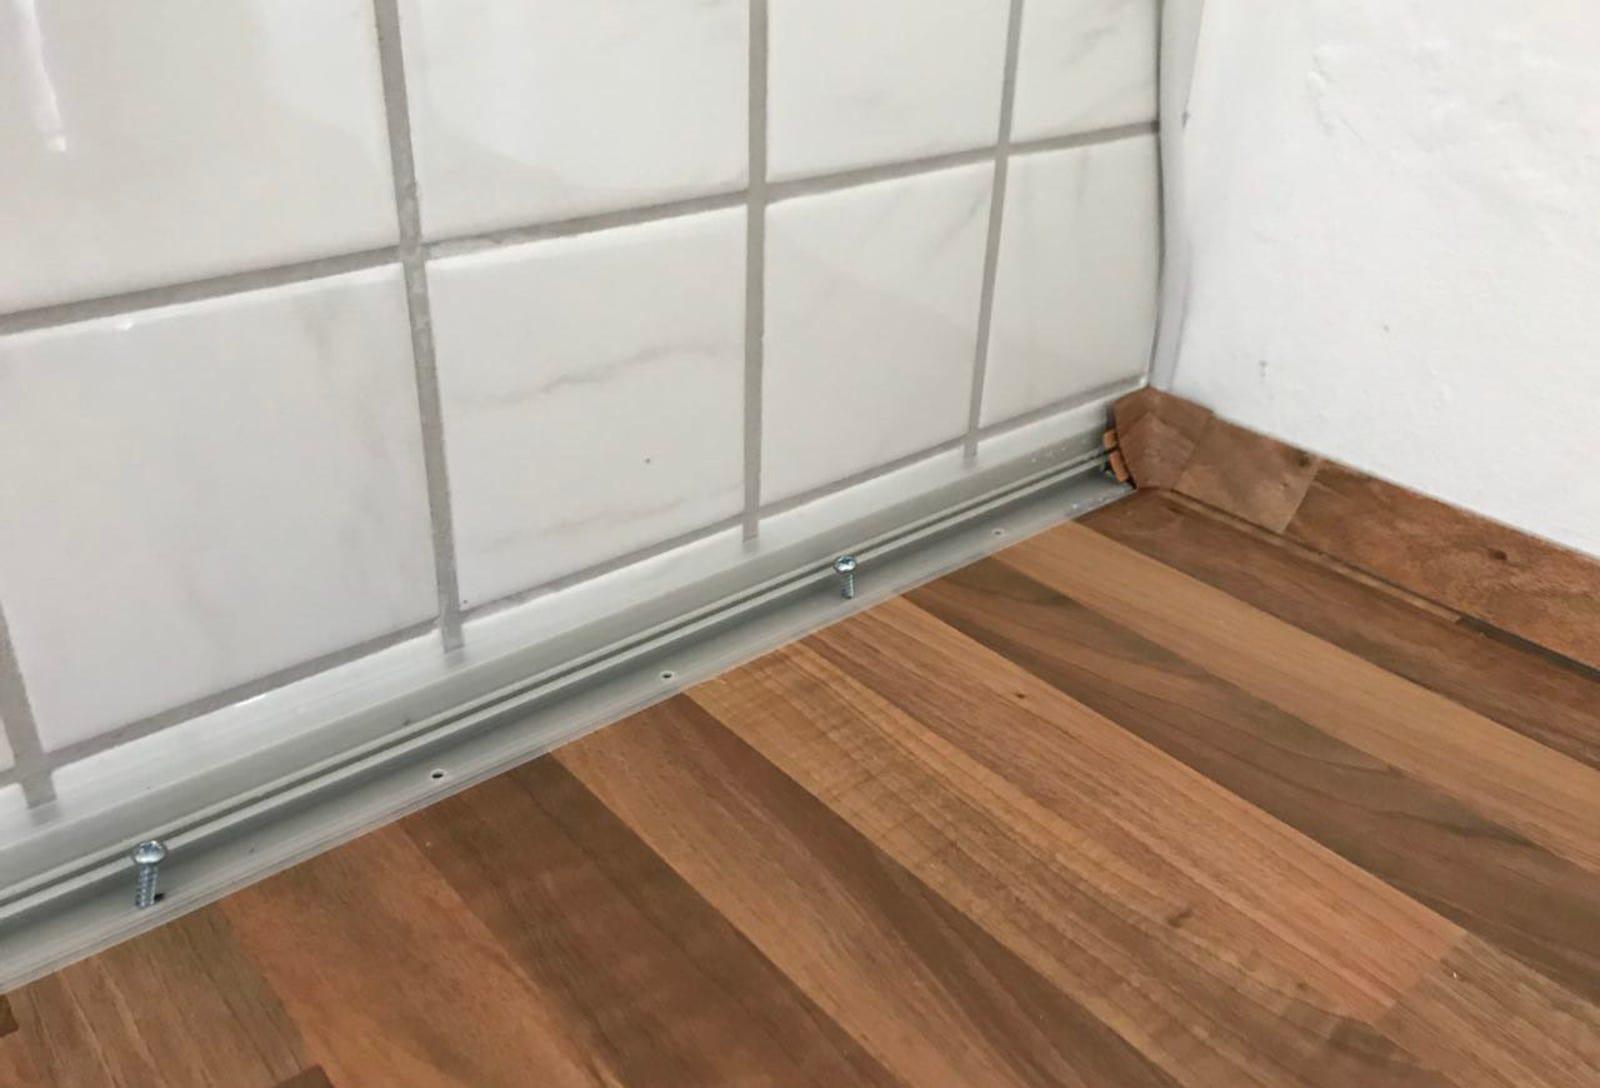 El embellecedor de la pared es de plástico. Es fácil de cortar y de atornillar, pero también es caro.